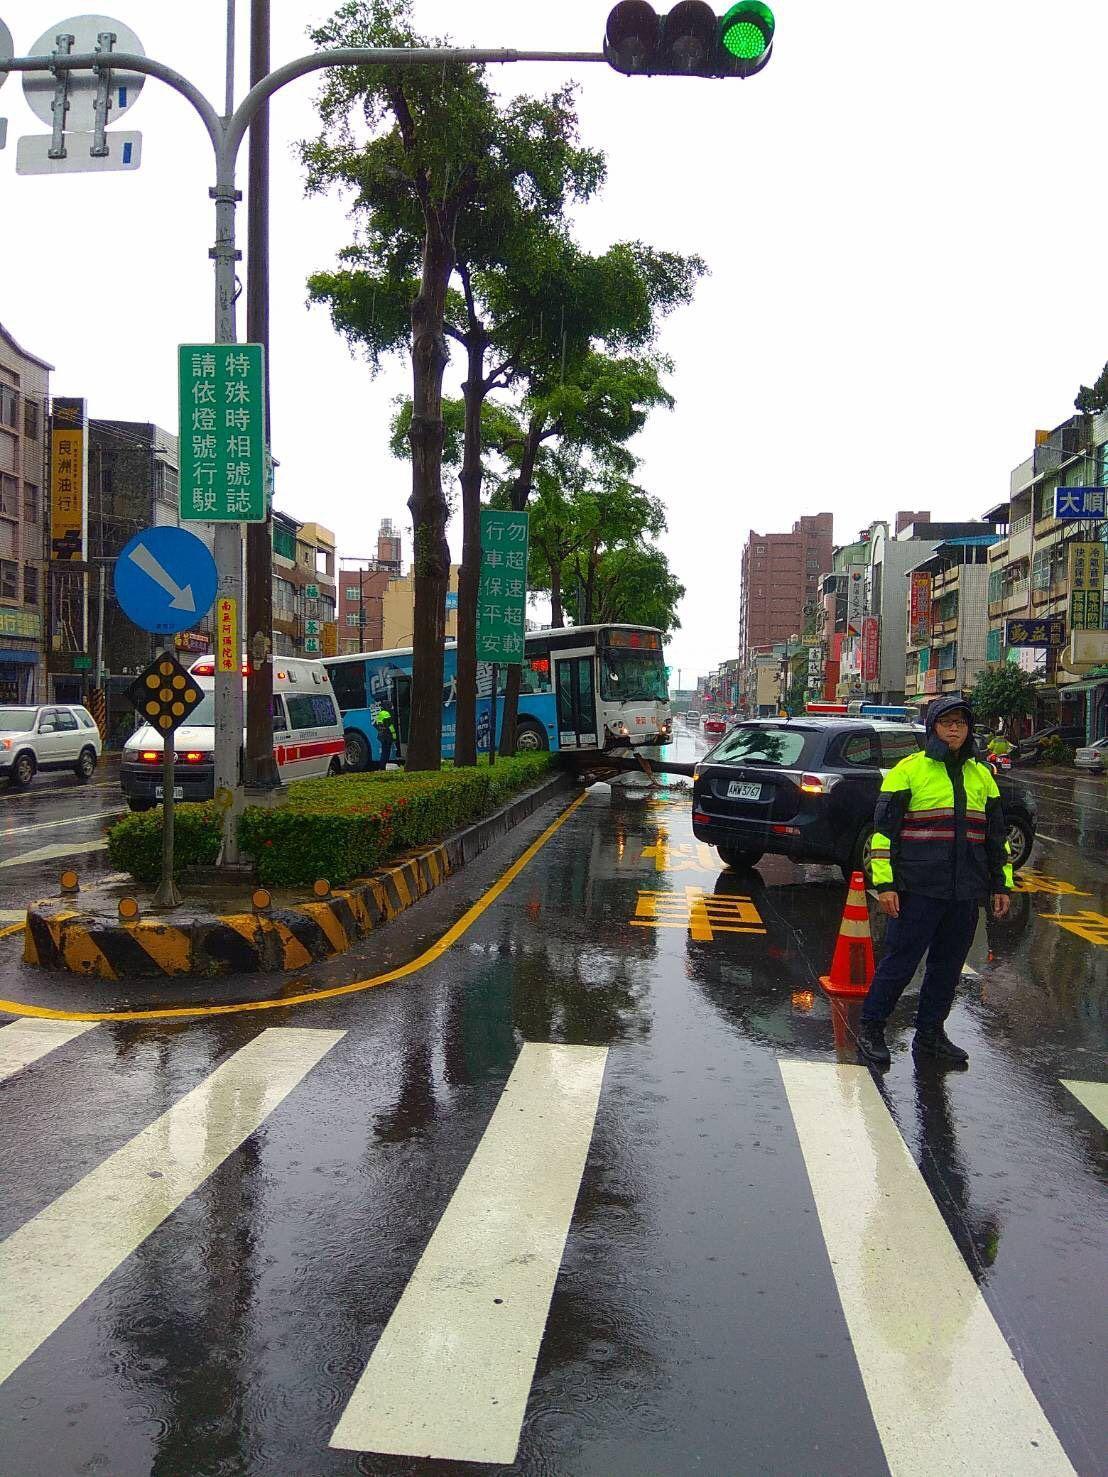 受西南風影響,高雄今下起大雨,疑似因視線不良,一輛公車撞向安全島,造成車上一名印...